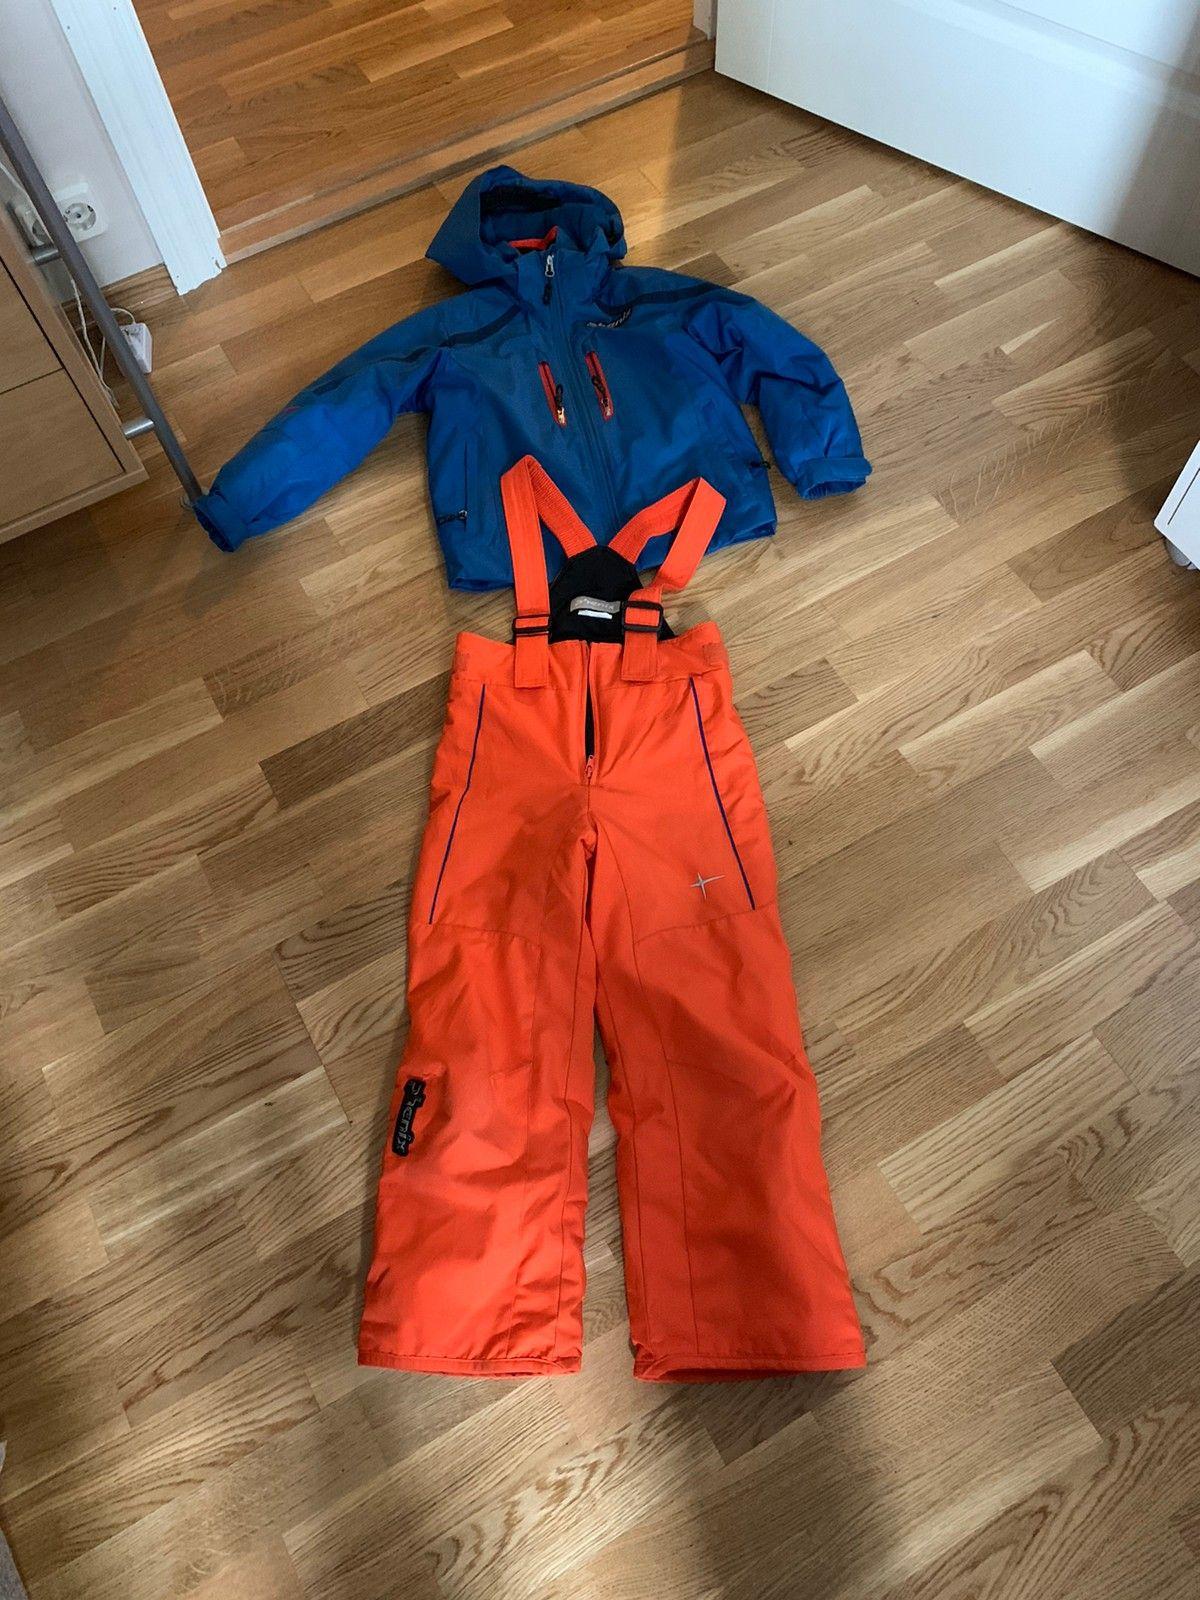 Phenix skidress | FINN.no